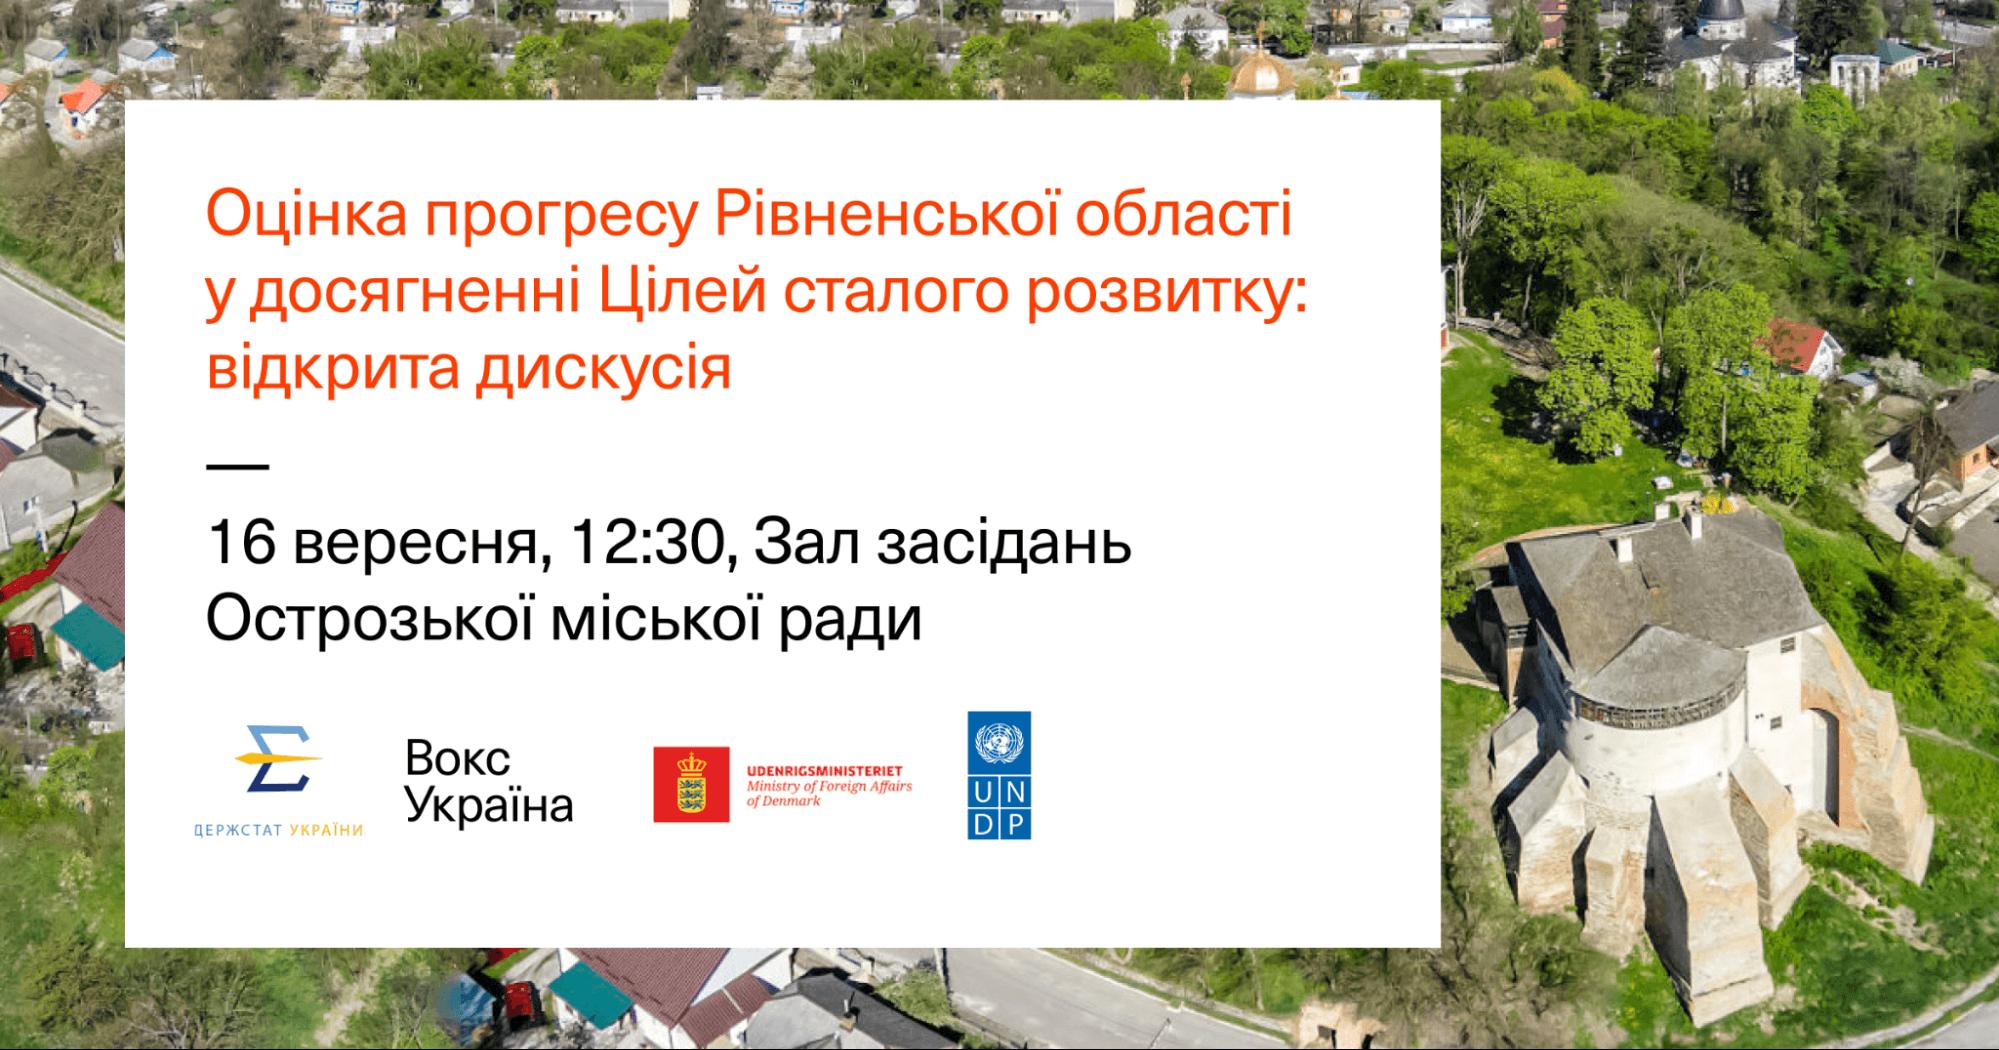 Оцінка прогресу Рівненської області у досягненні Цілей сталого розвитку: відкрита дискусія